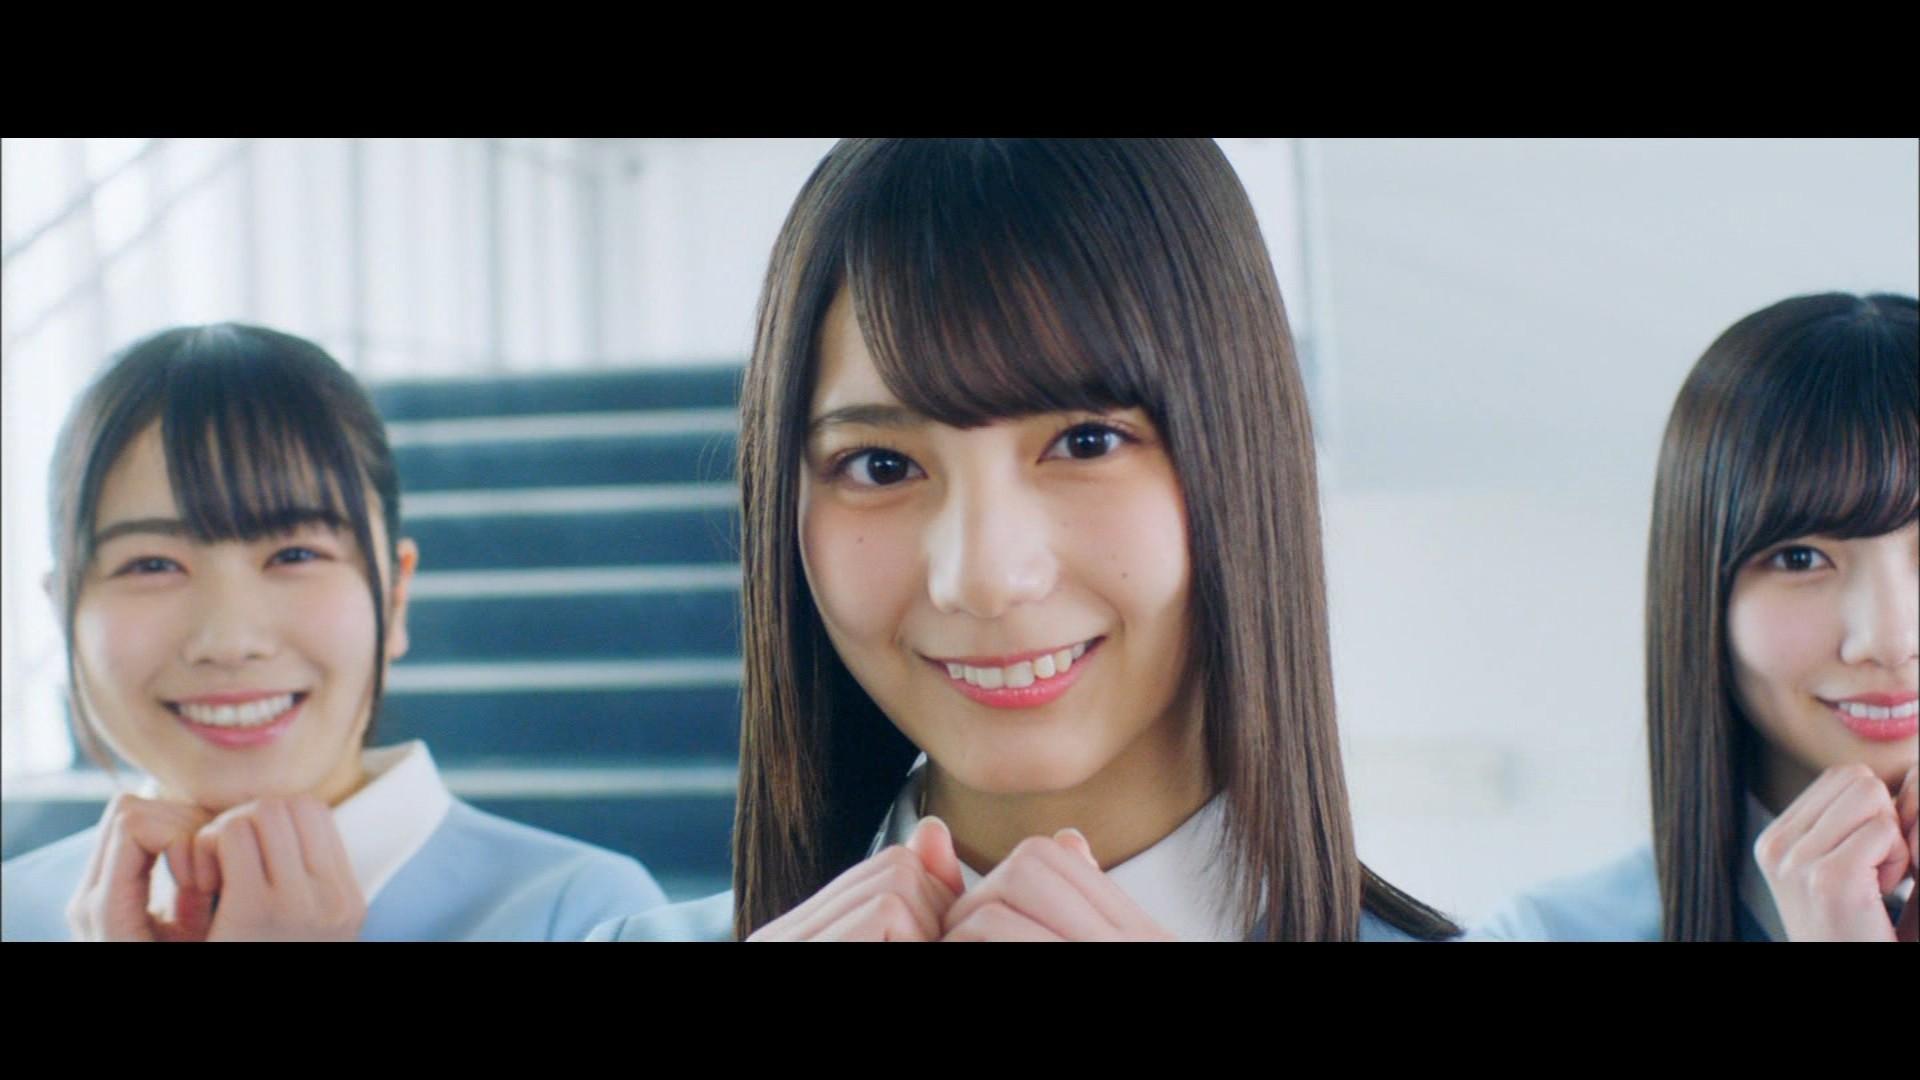 日向坂46デビューシングル『キュン』のCMを観たら泣けてきた